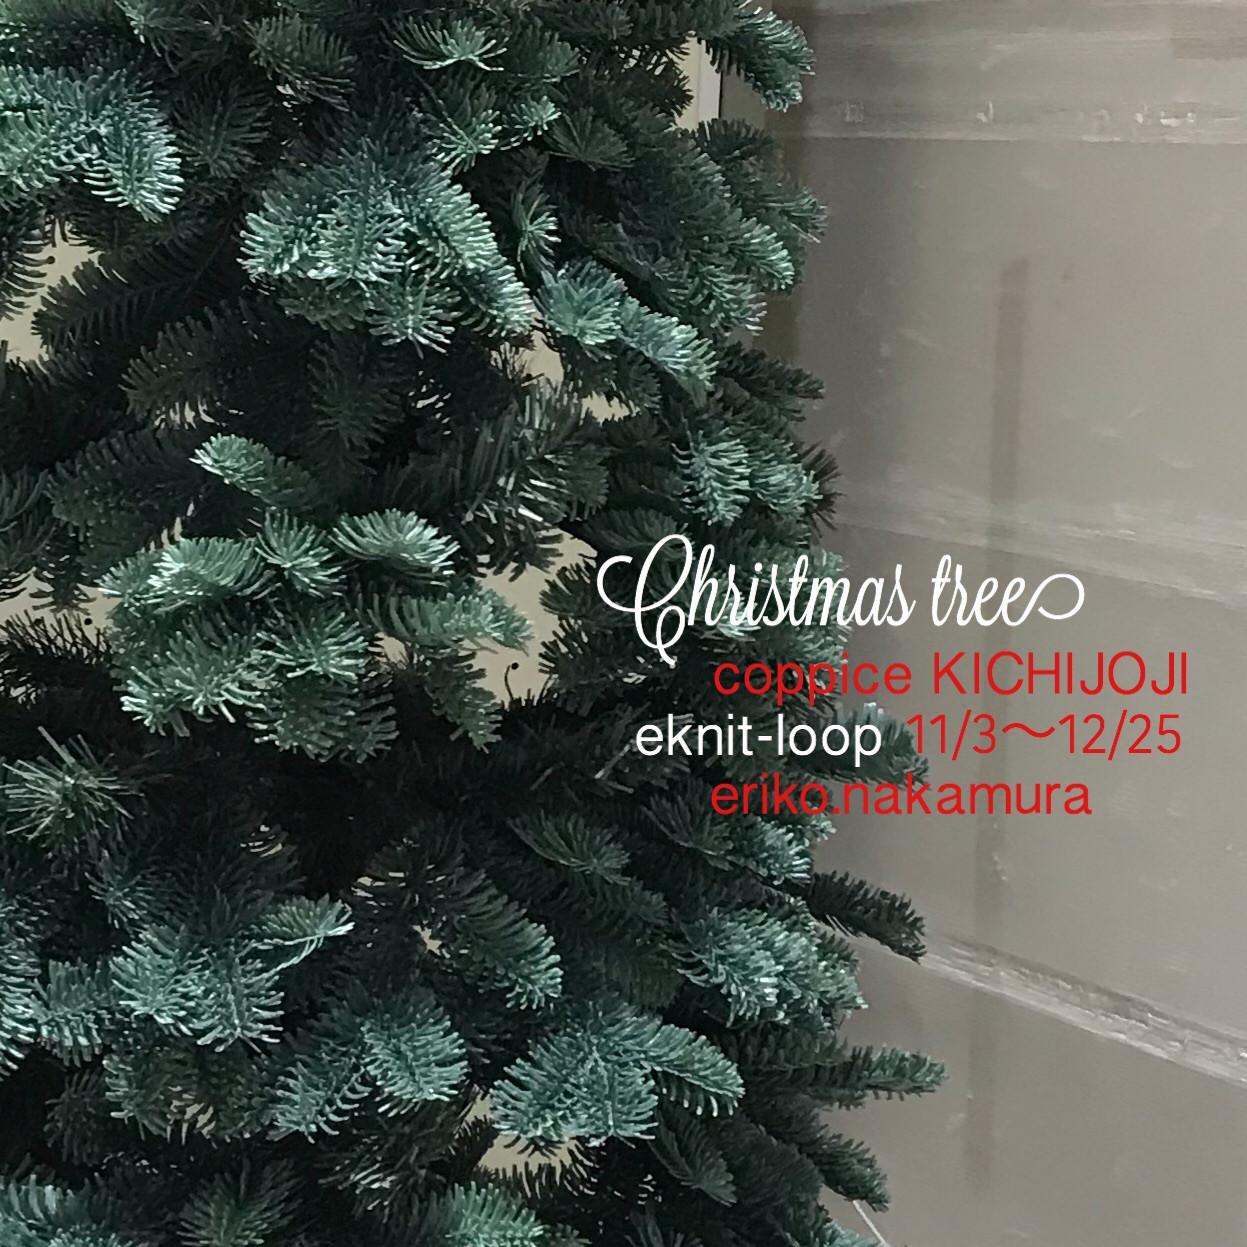 クリスマスツリーオーナメント 打ち合わせ